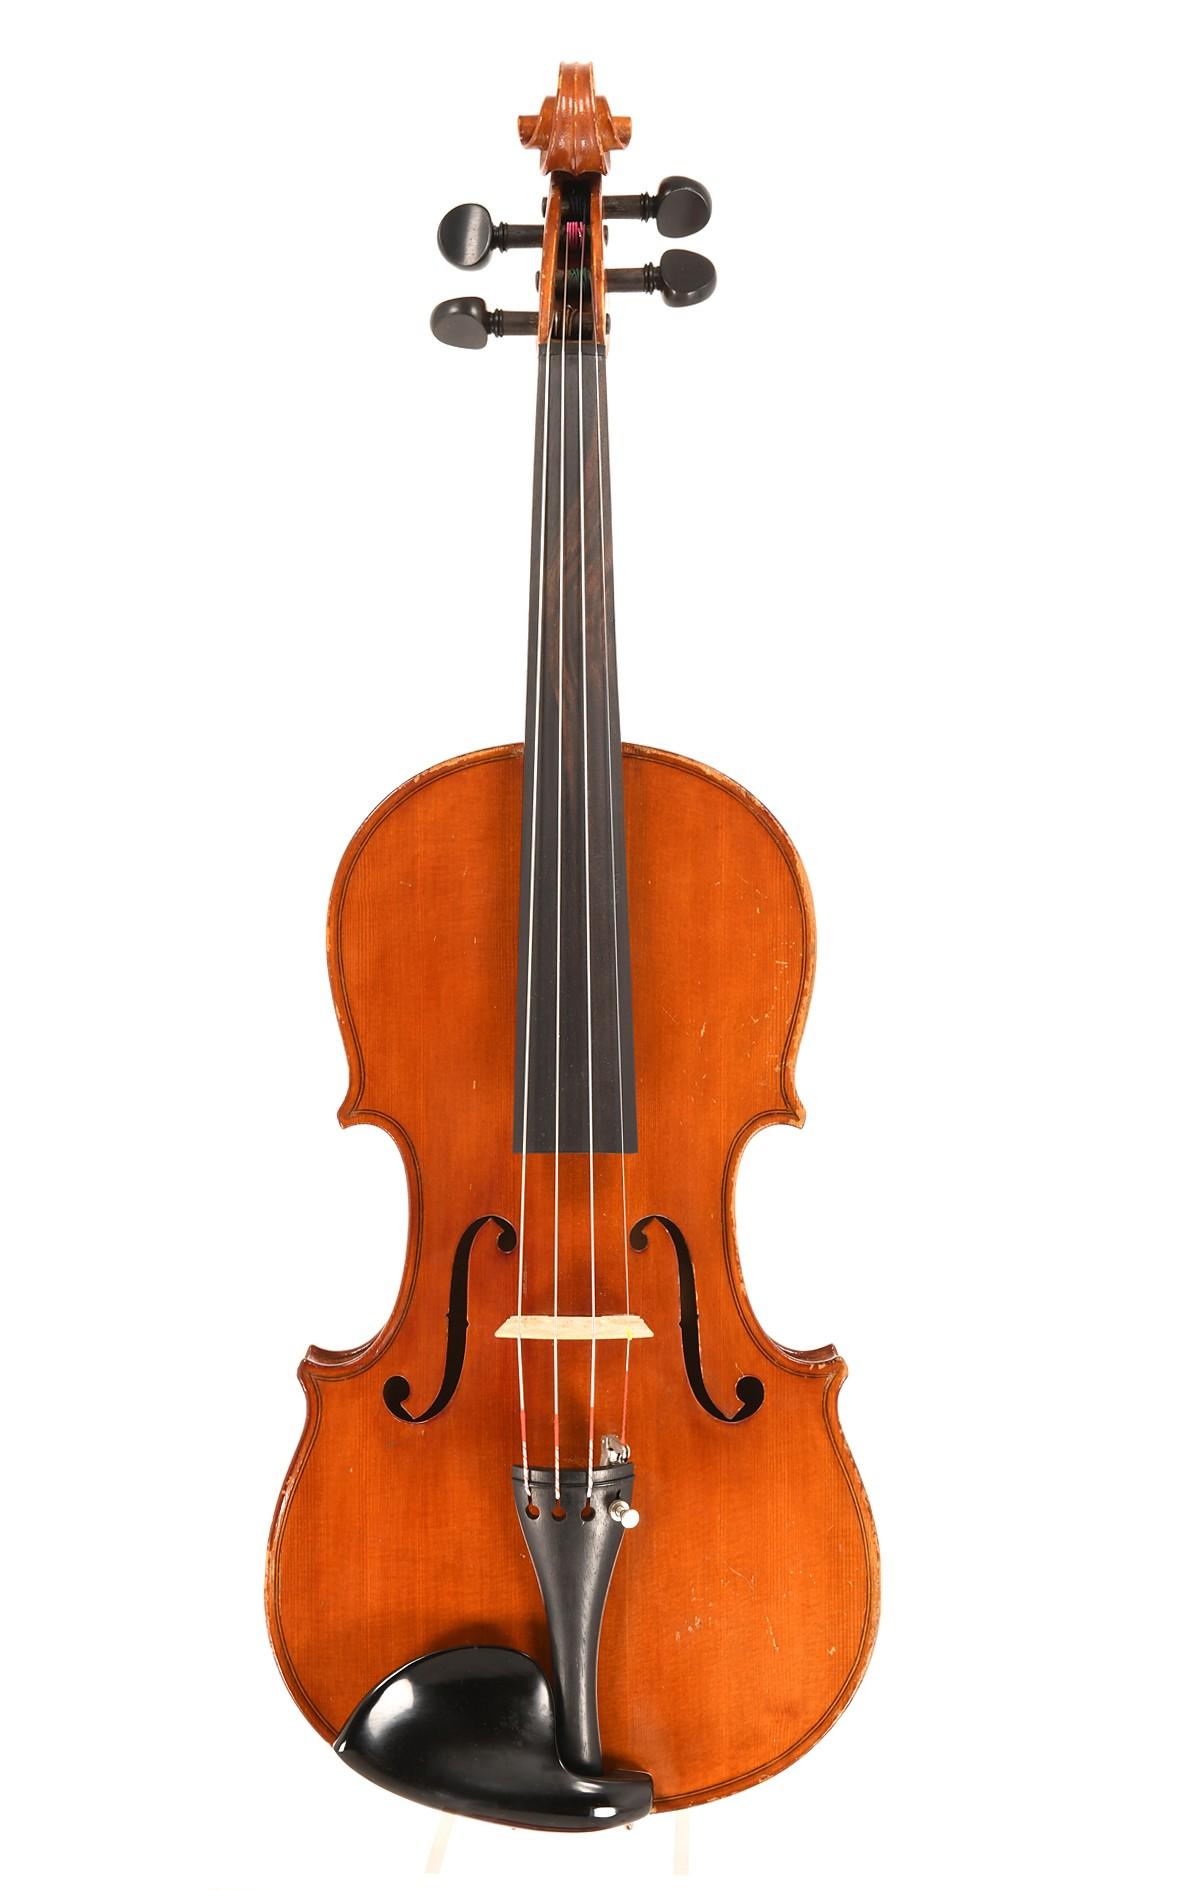 Antike Mittenwalder 7/8 Geige um 1900